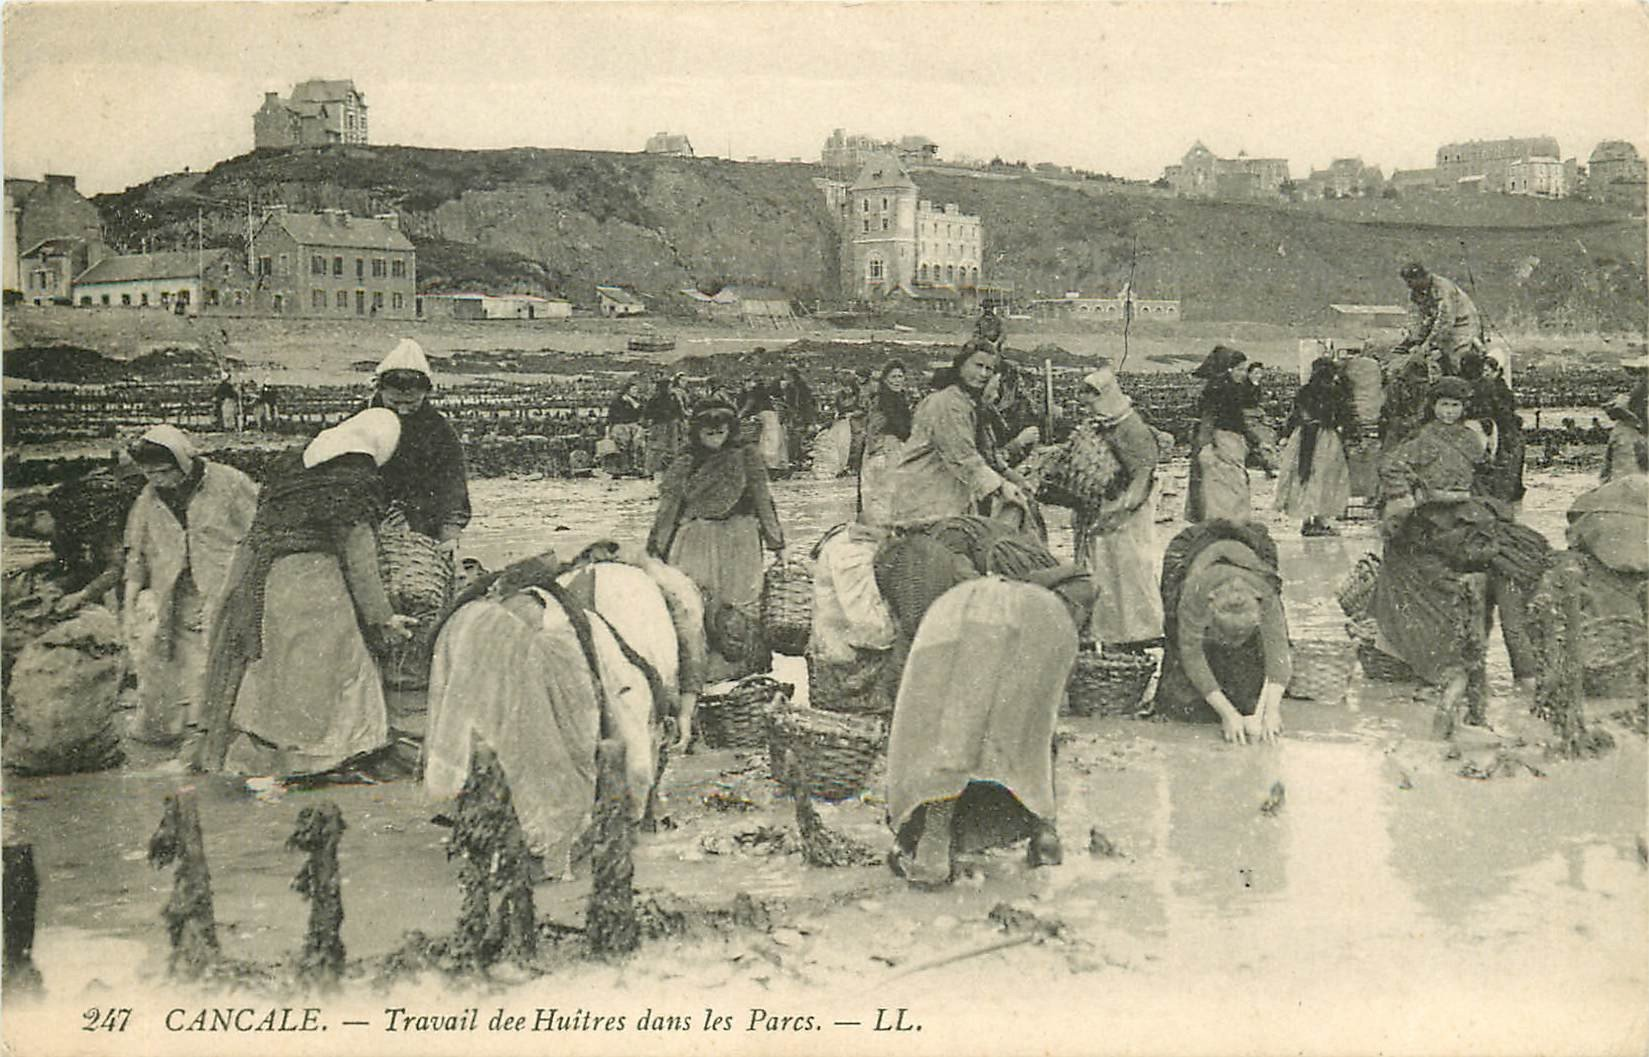 35 CANCALE. Travail des Huîtres dans les Parcs. Métiers de la Mer 1912